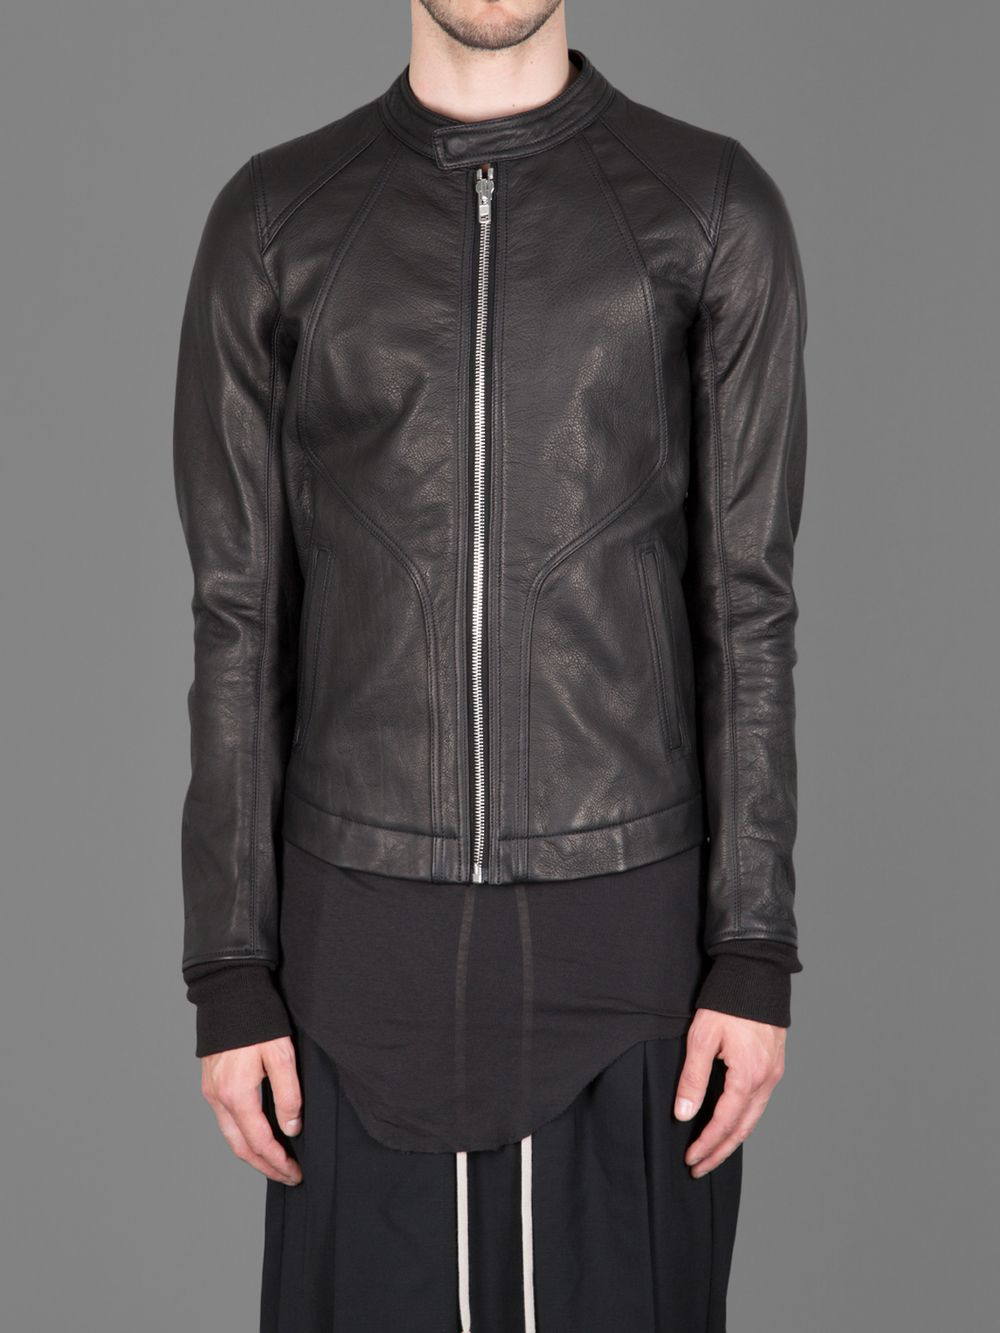 Rick Owens 'Intarsia' Leather Jacket. Leather jacket